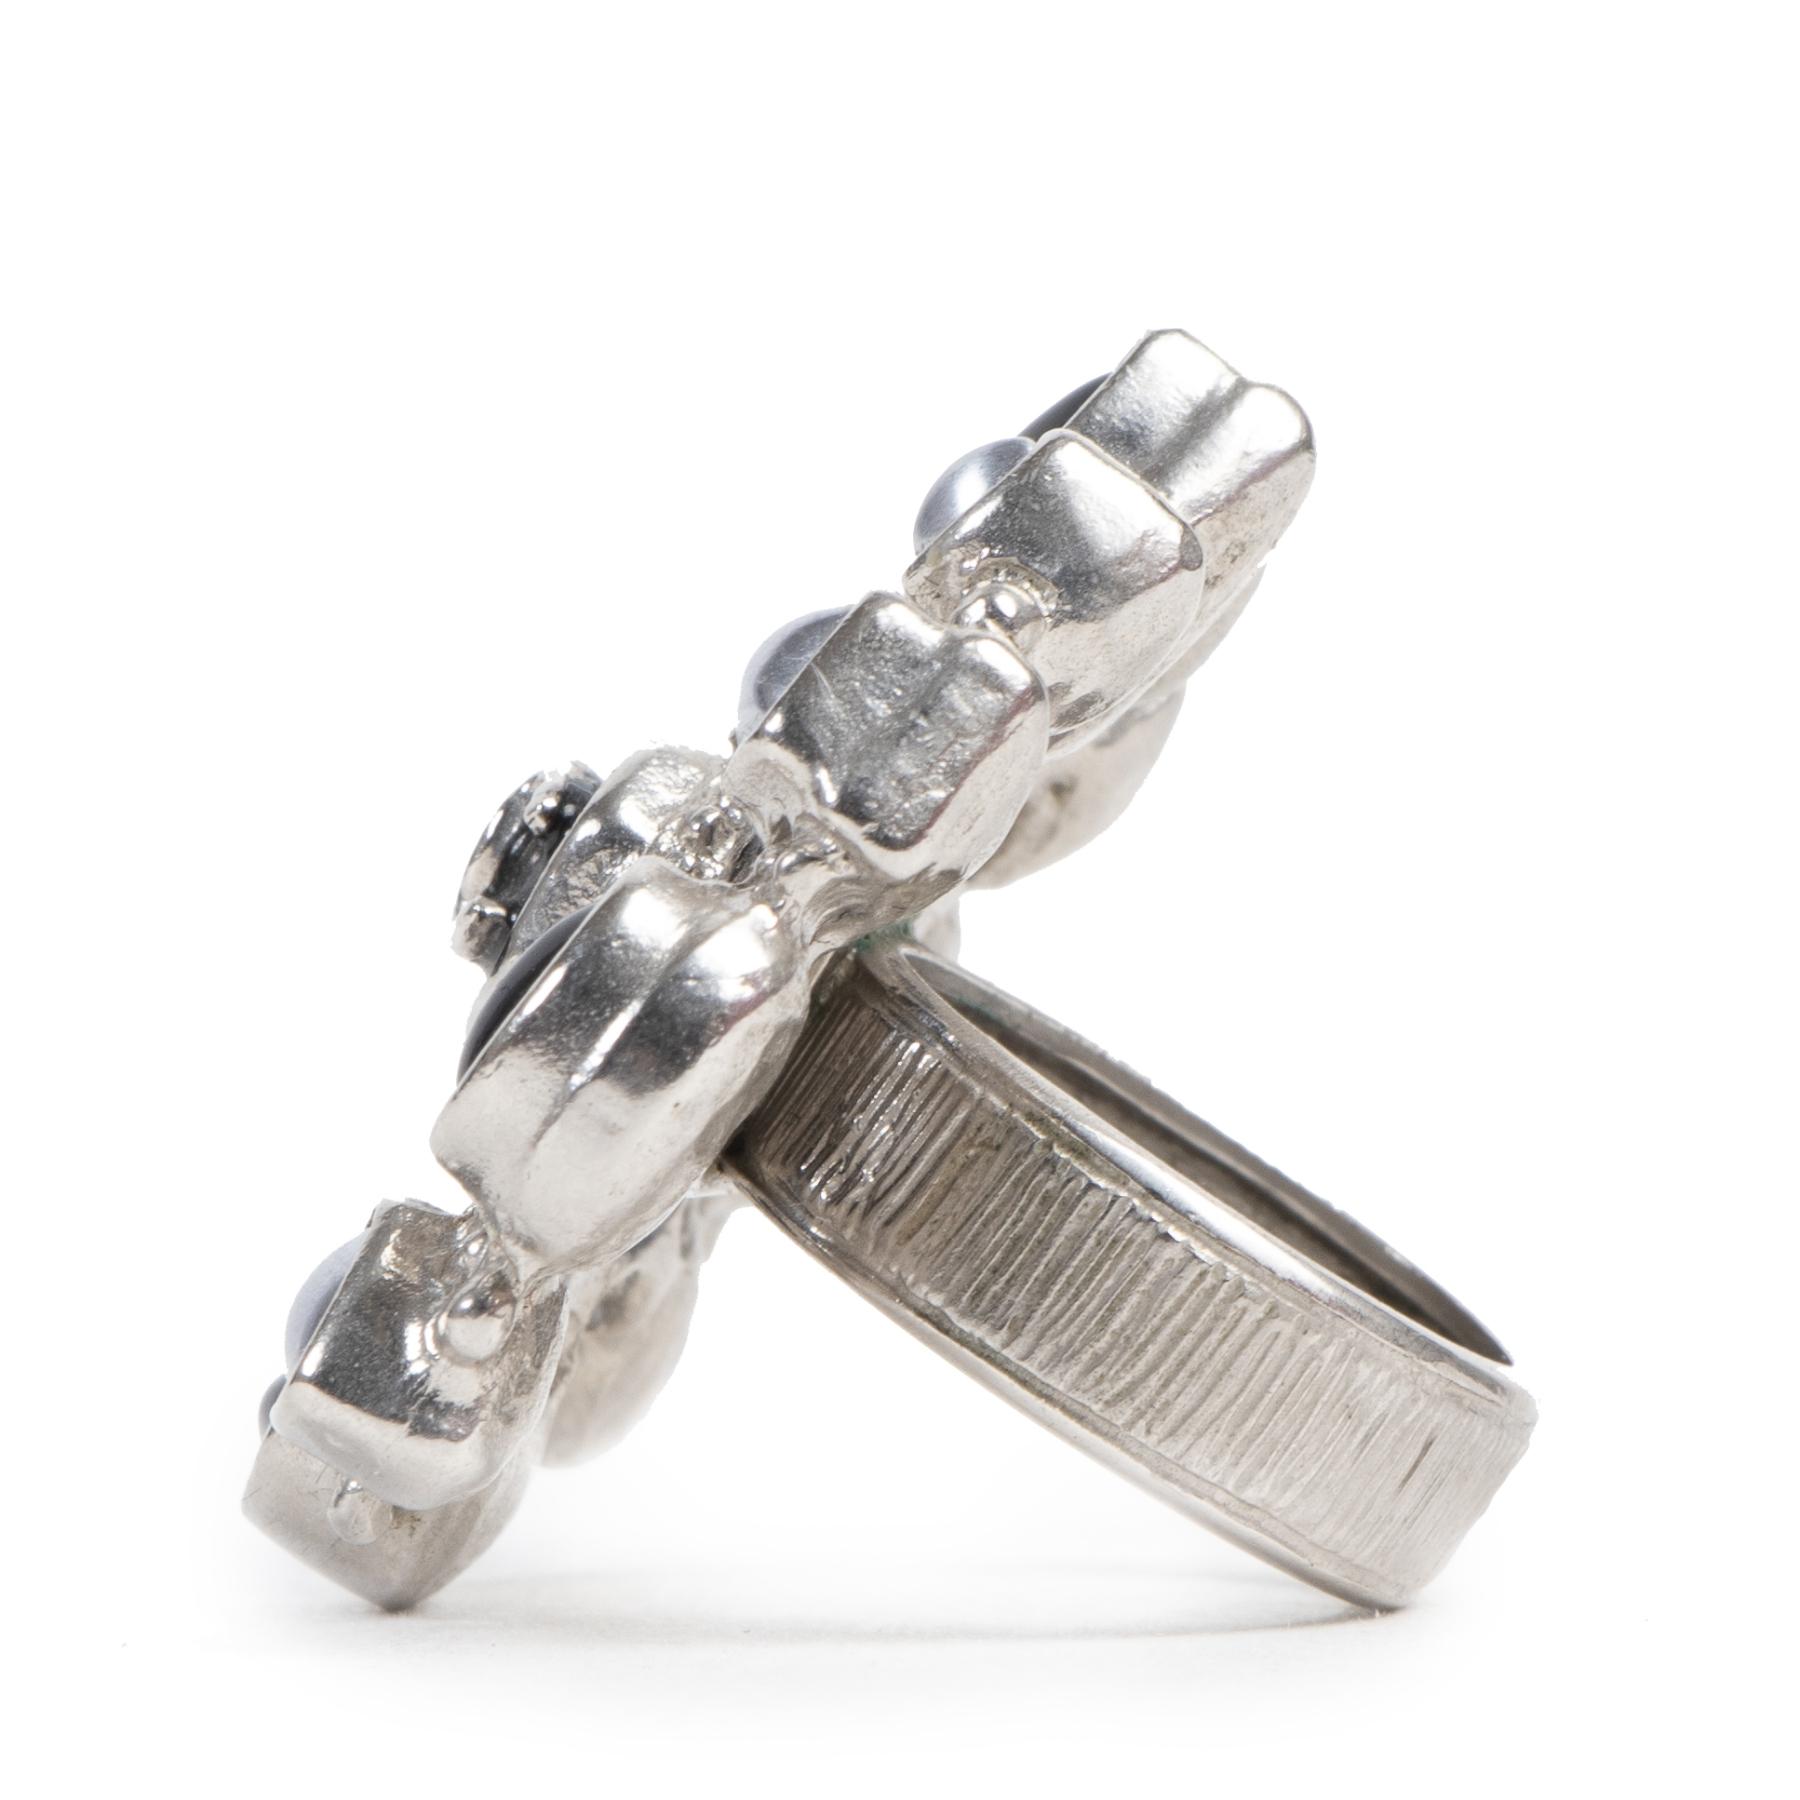 Authentieke Tweedehands Chanel Black Silver Embellished Ring - Size 54 juiste prijs veilig online shoppen luxe merken webshop winkelen Antwerpen België mode fashion